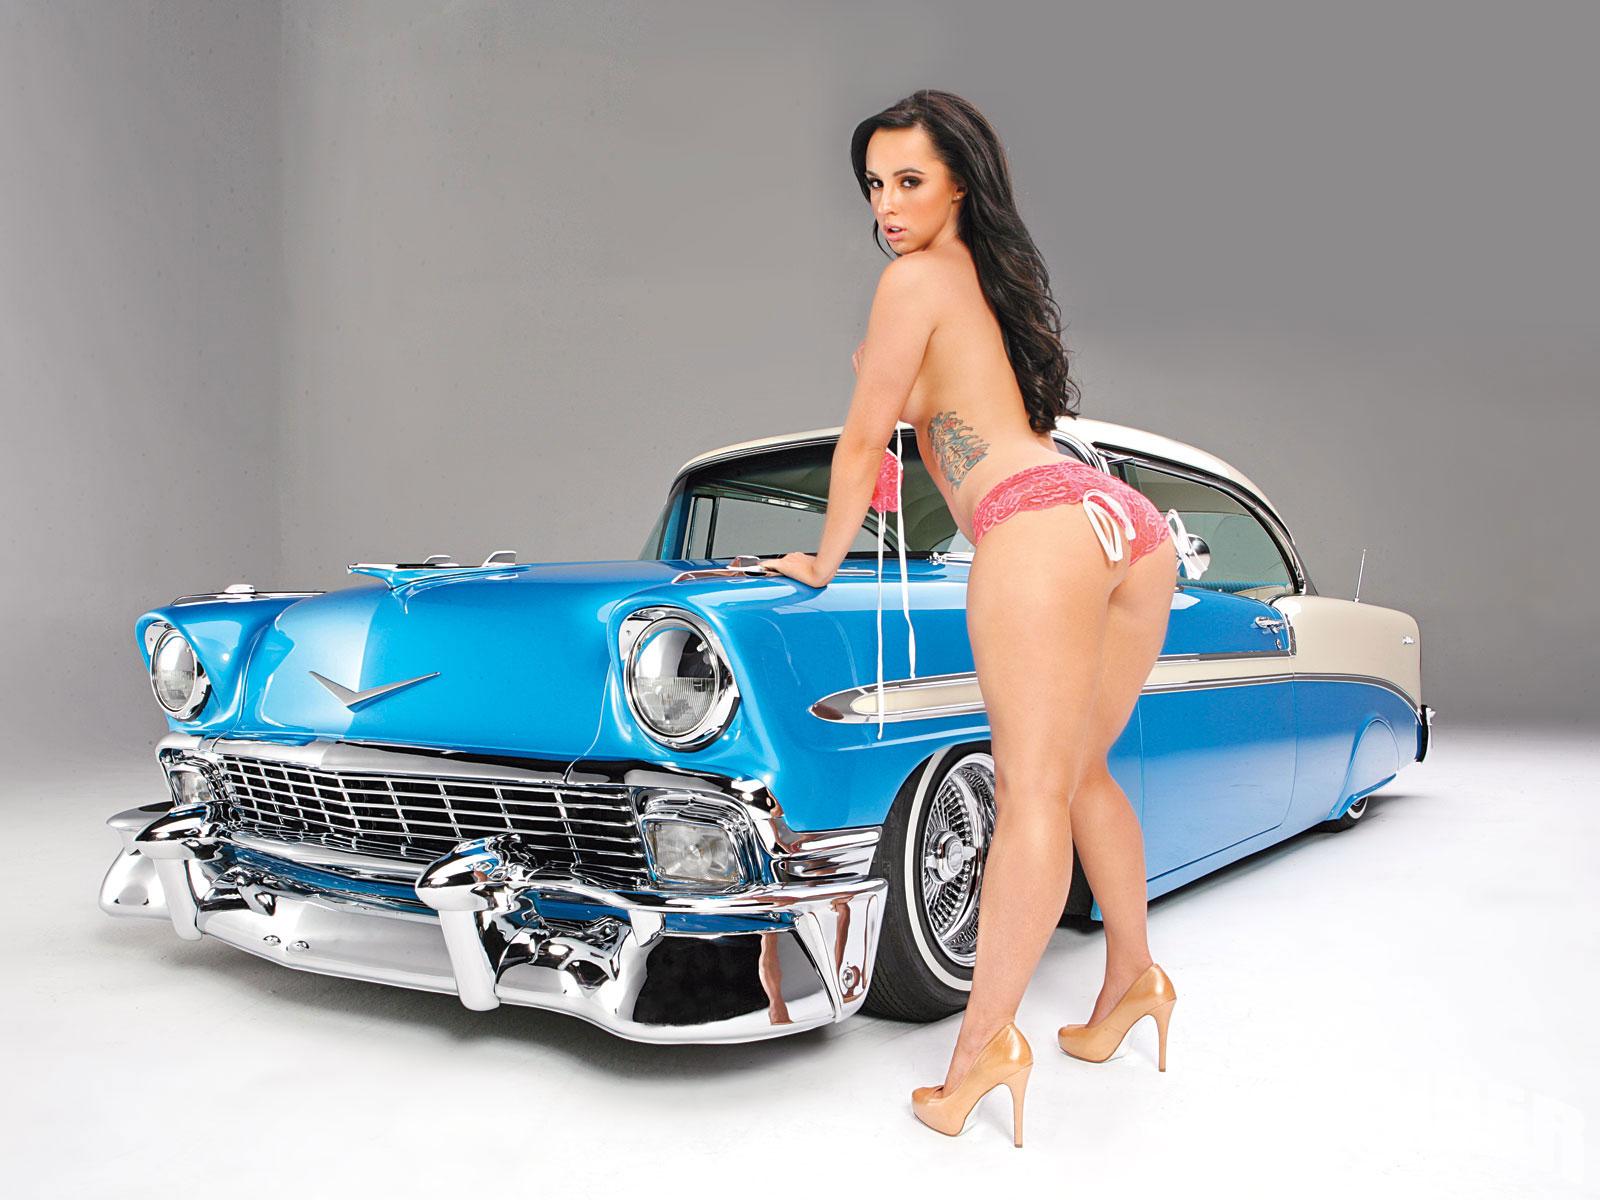 Lowrider Miami >> Taisha Marie - Lowrider Girls Model - Lowrider Girls Magazine